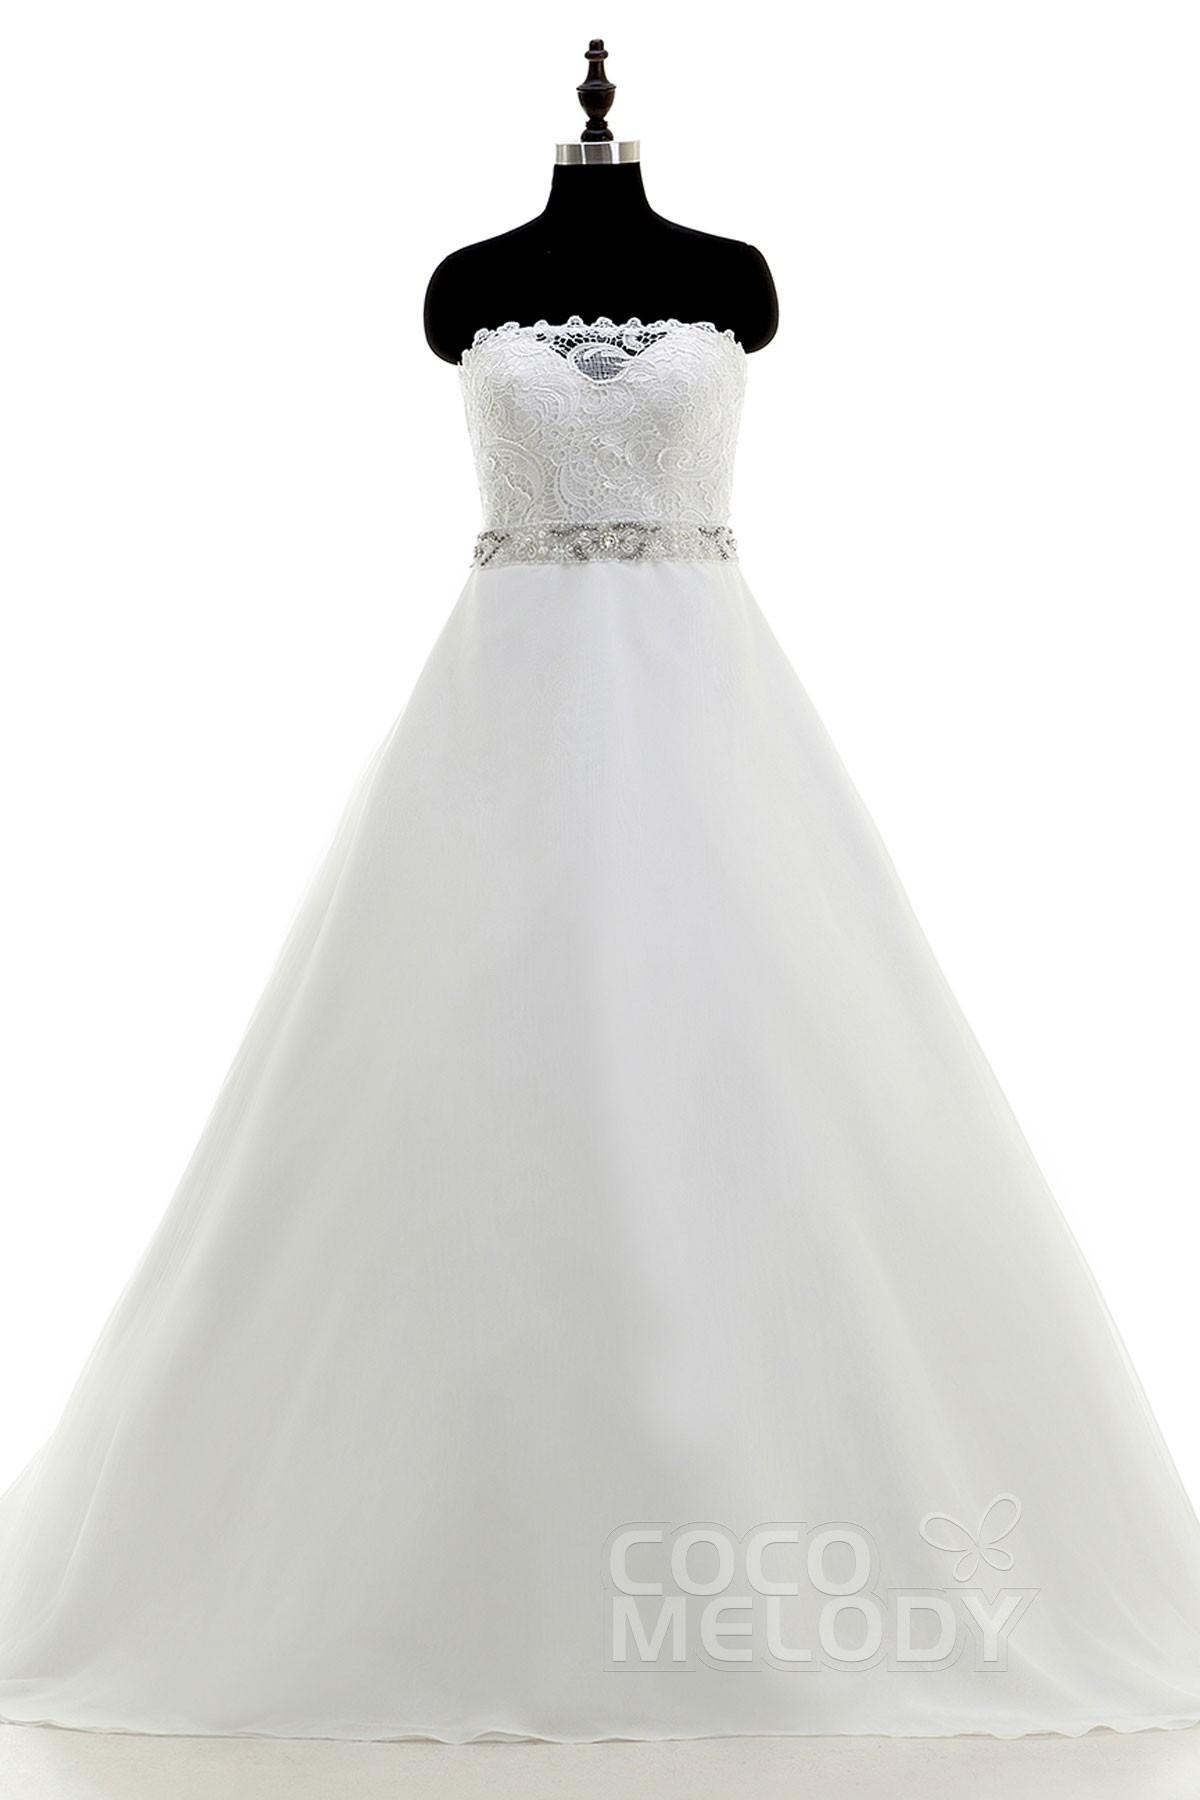 Image For New Style A-Line Strapless Court Train Satin Ivory Sleeveless Key Hole Wedding Dress Beading